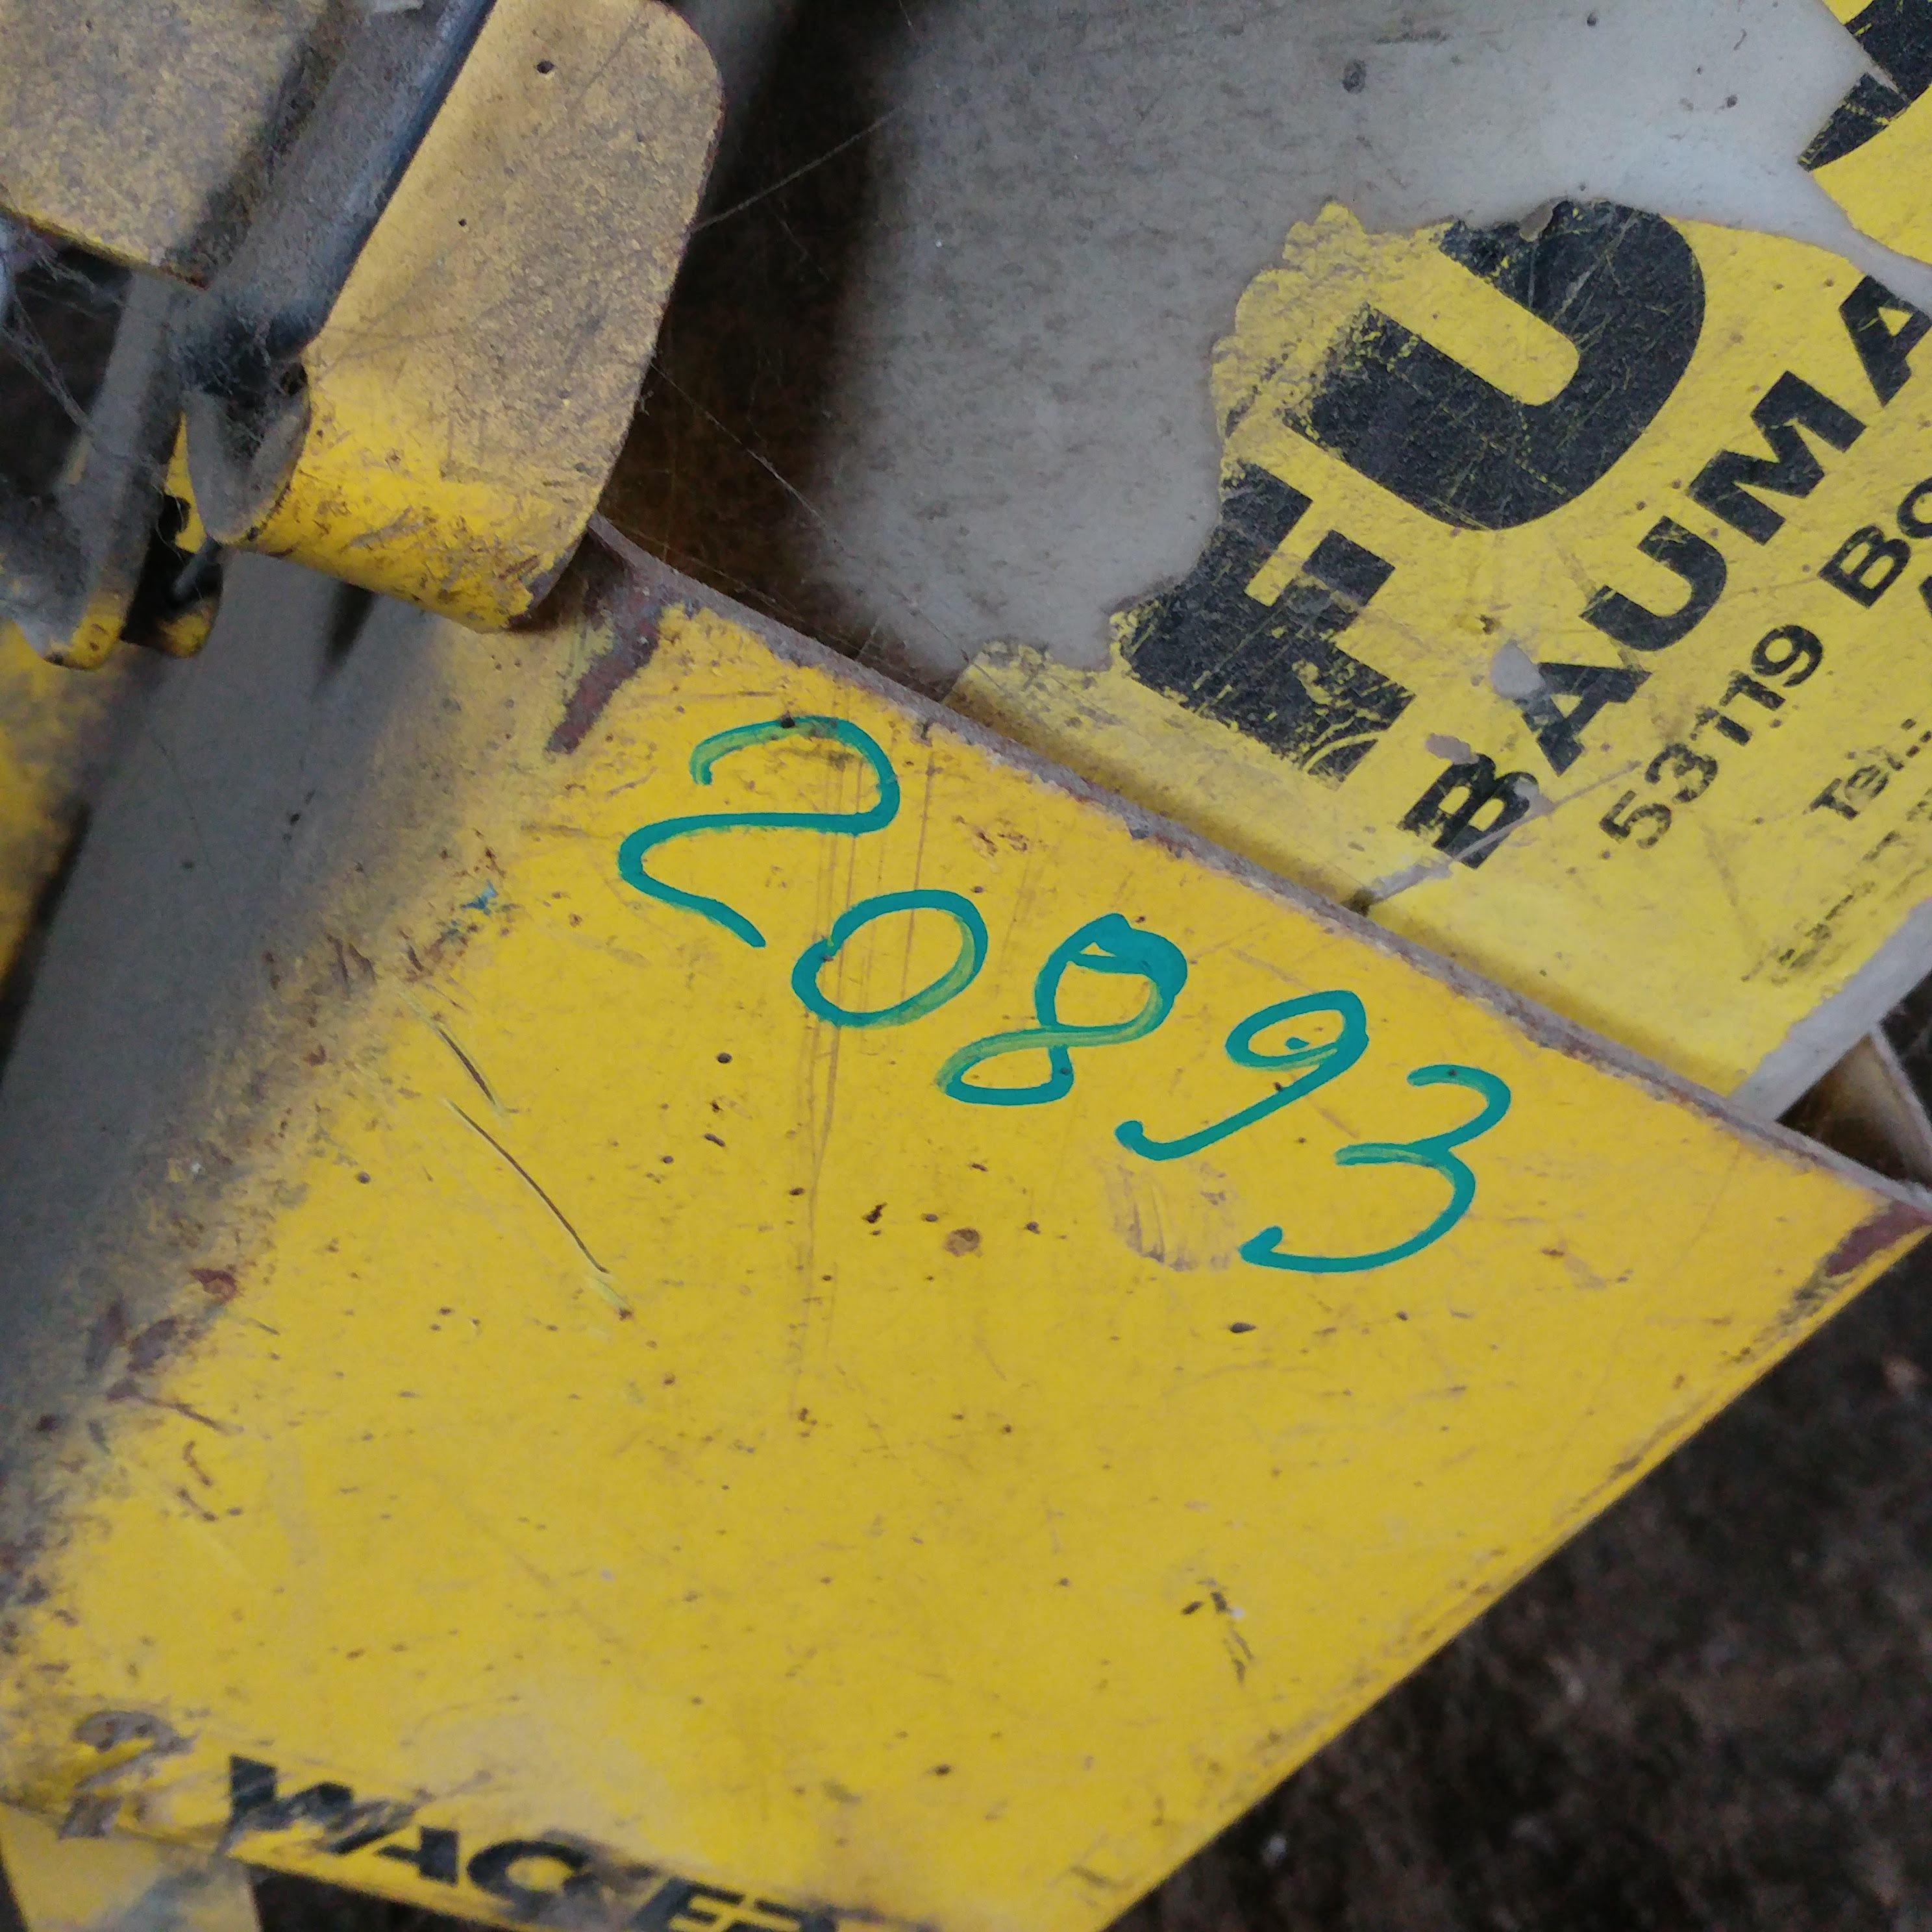 MASINA-TAIAT-ASFALT-20893.jpg